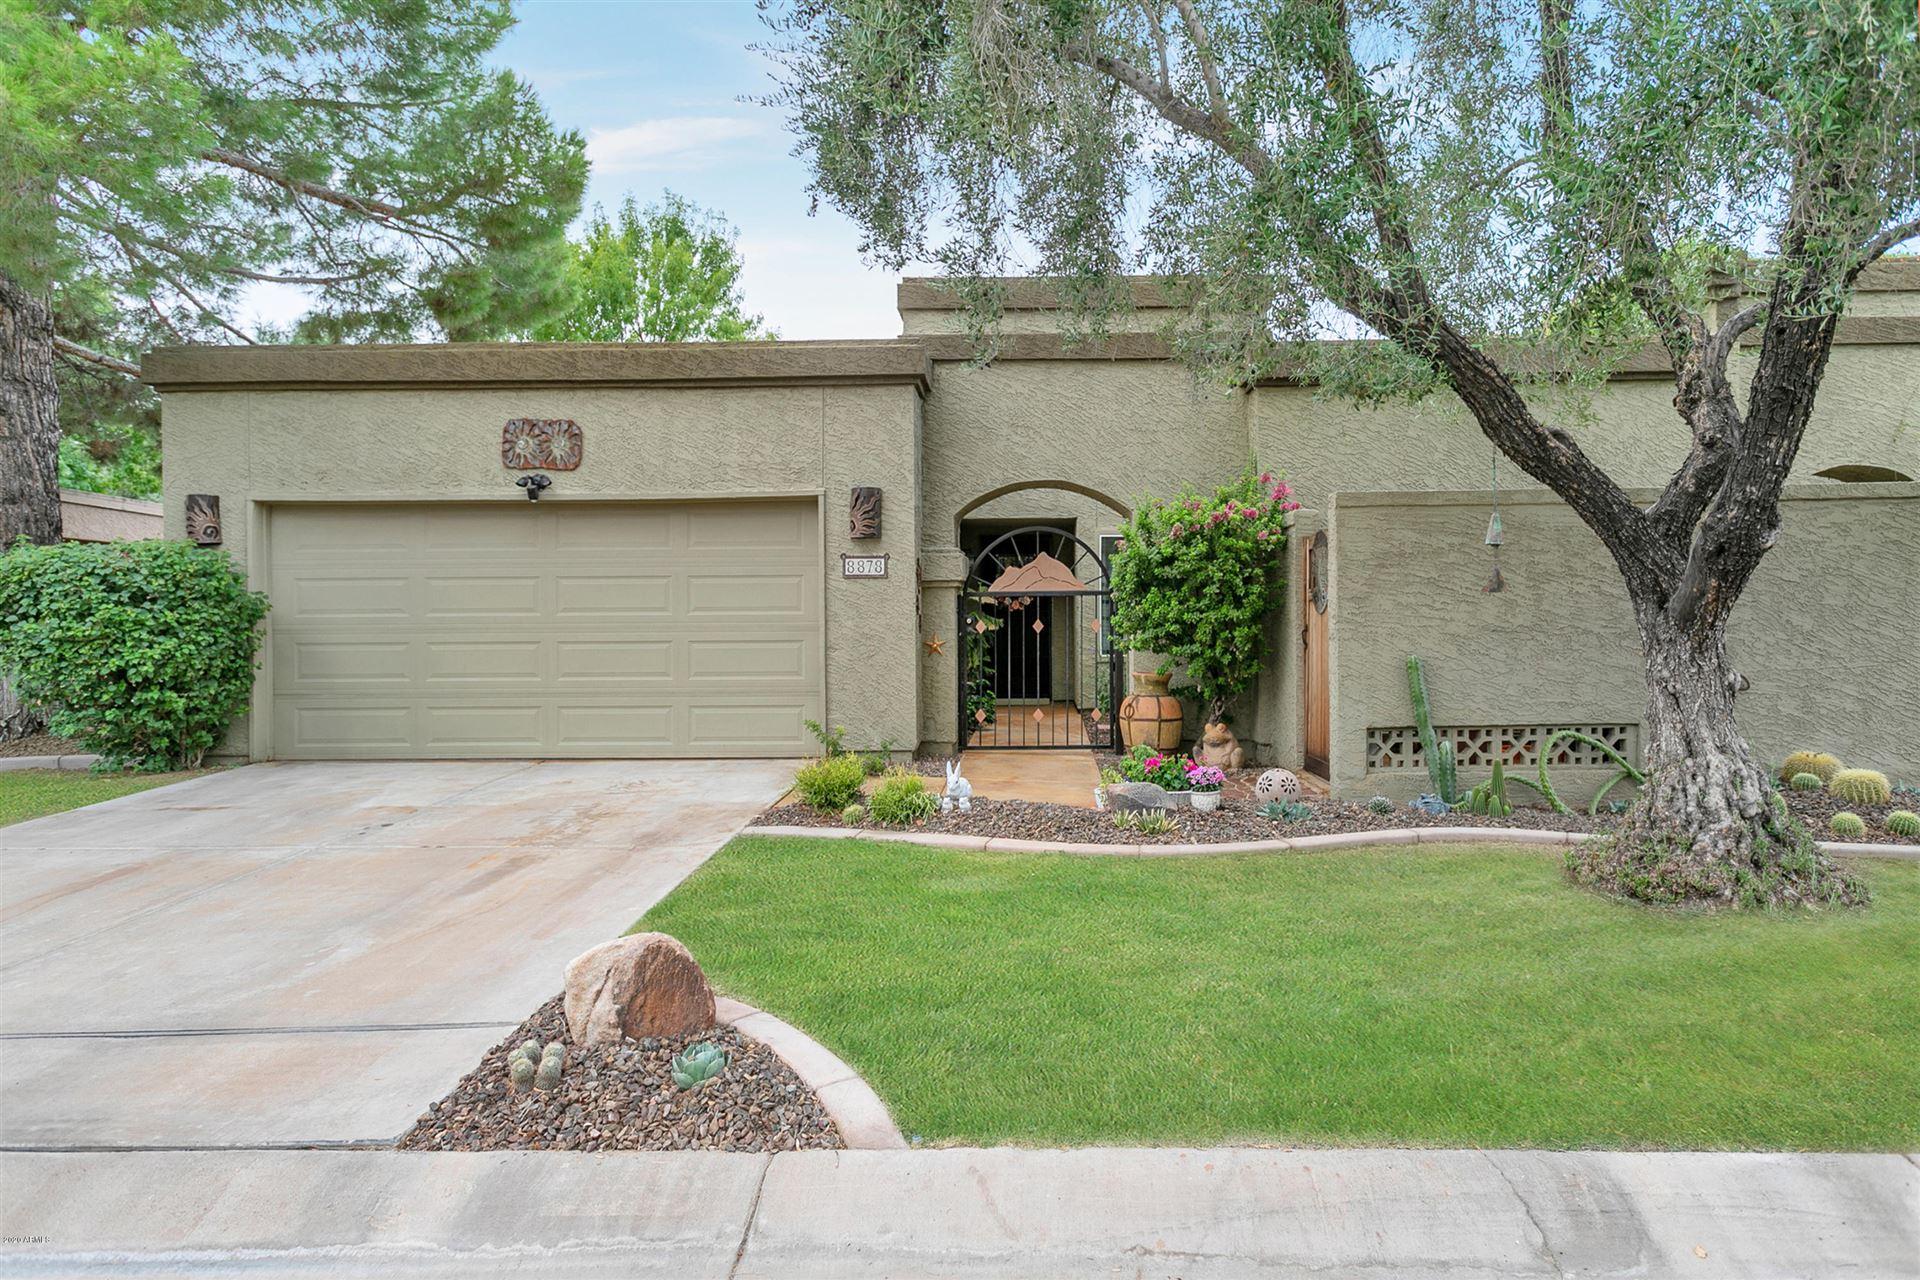 8878 N 82ND Lane, Scottsdale, AZ 85258 - MLS#: 6132475